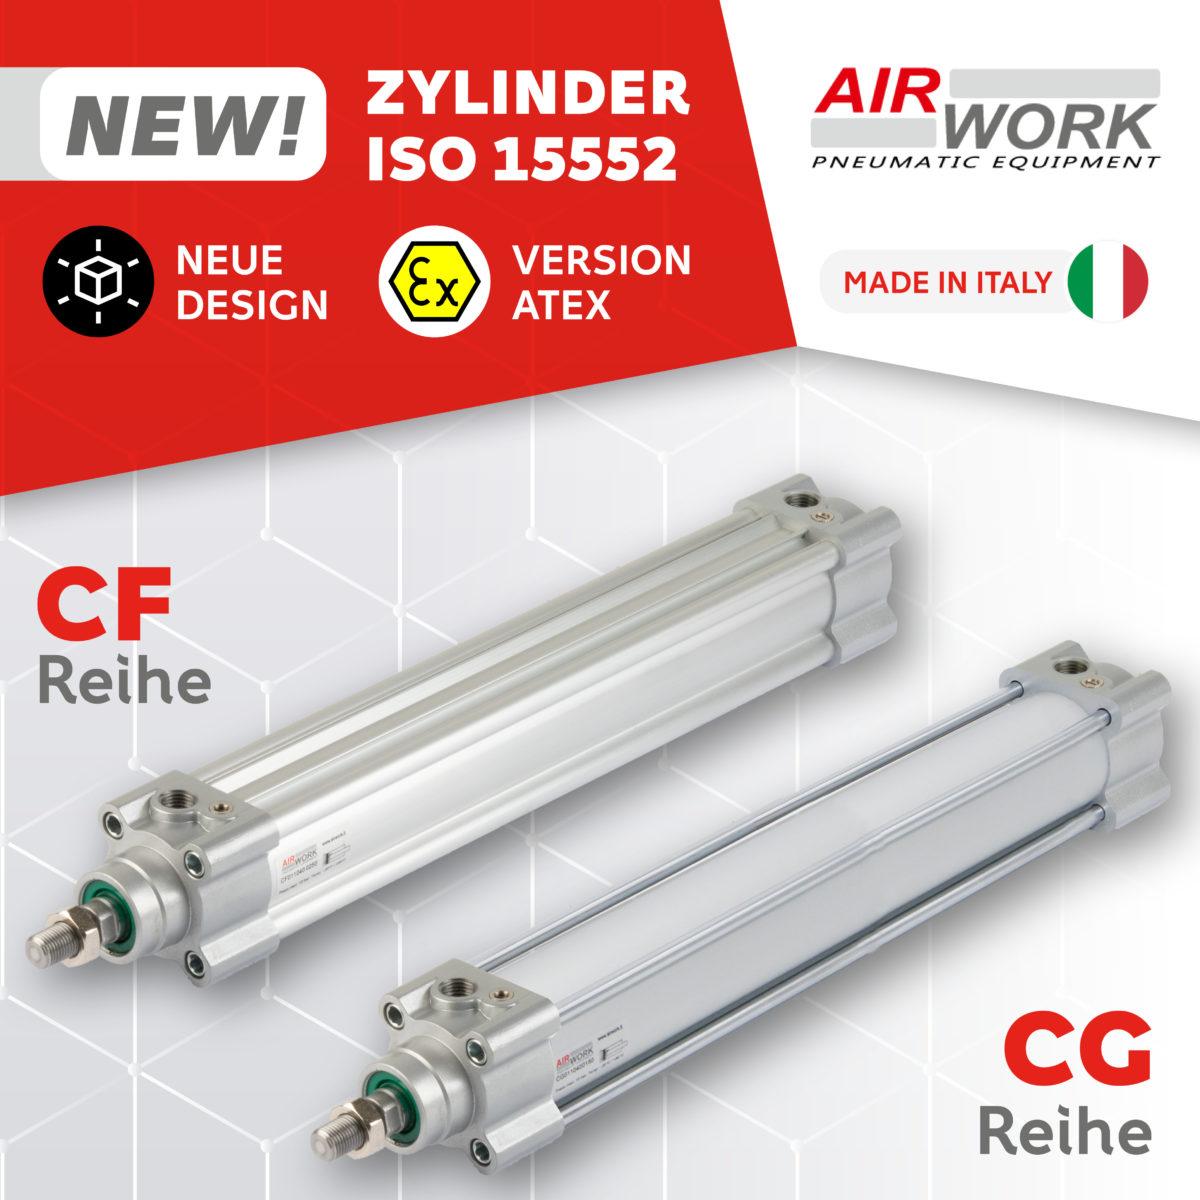 CF und CG pneumatikzylinder ISO 15552 Airwork